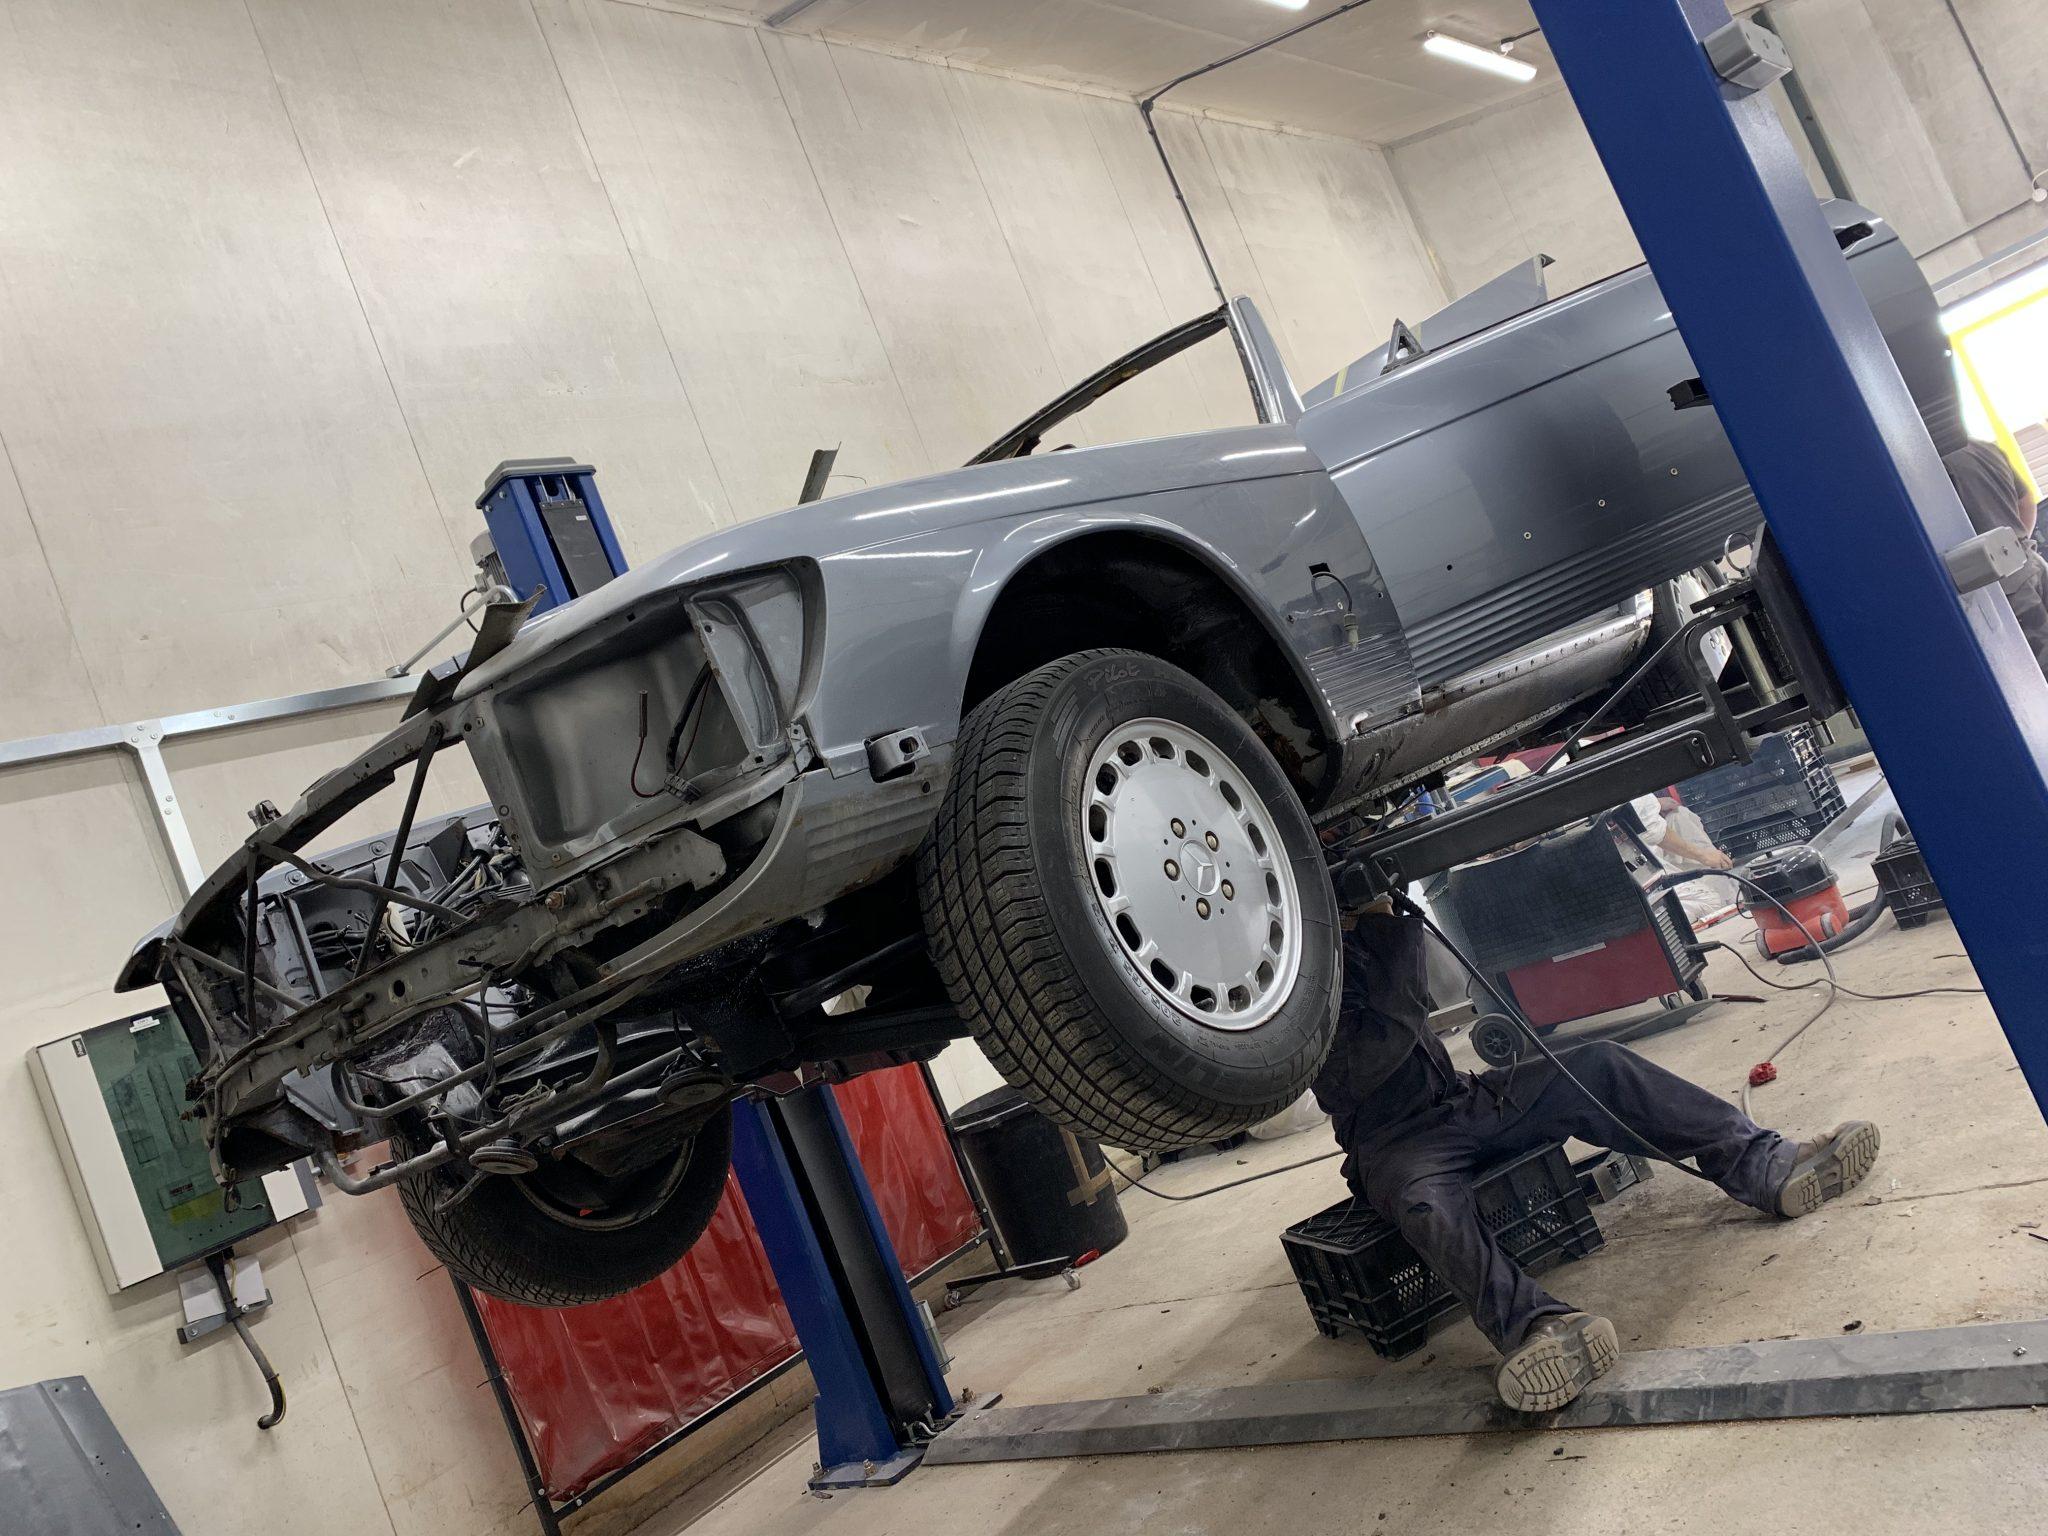 1987 Mercedes SL500: Replacing Panels